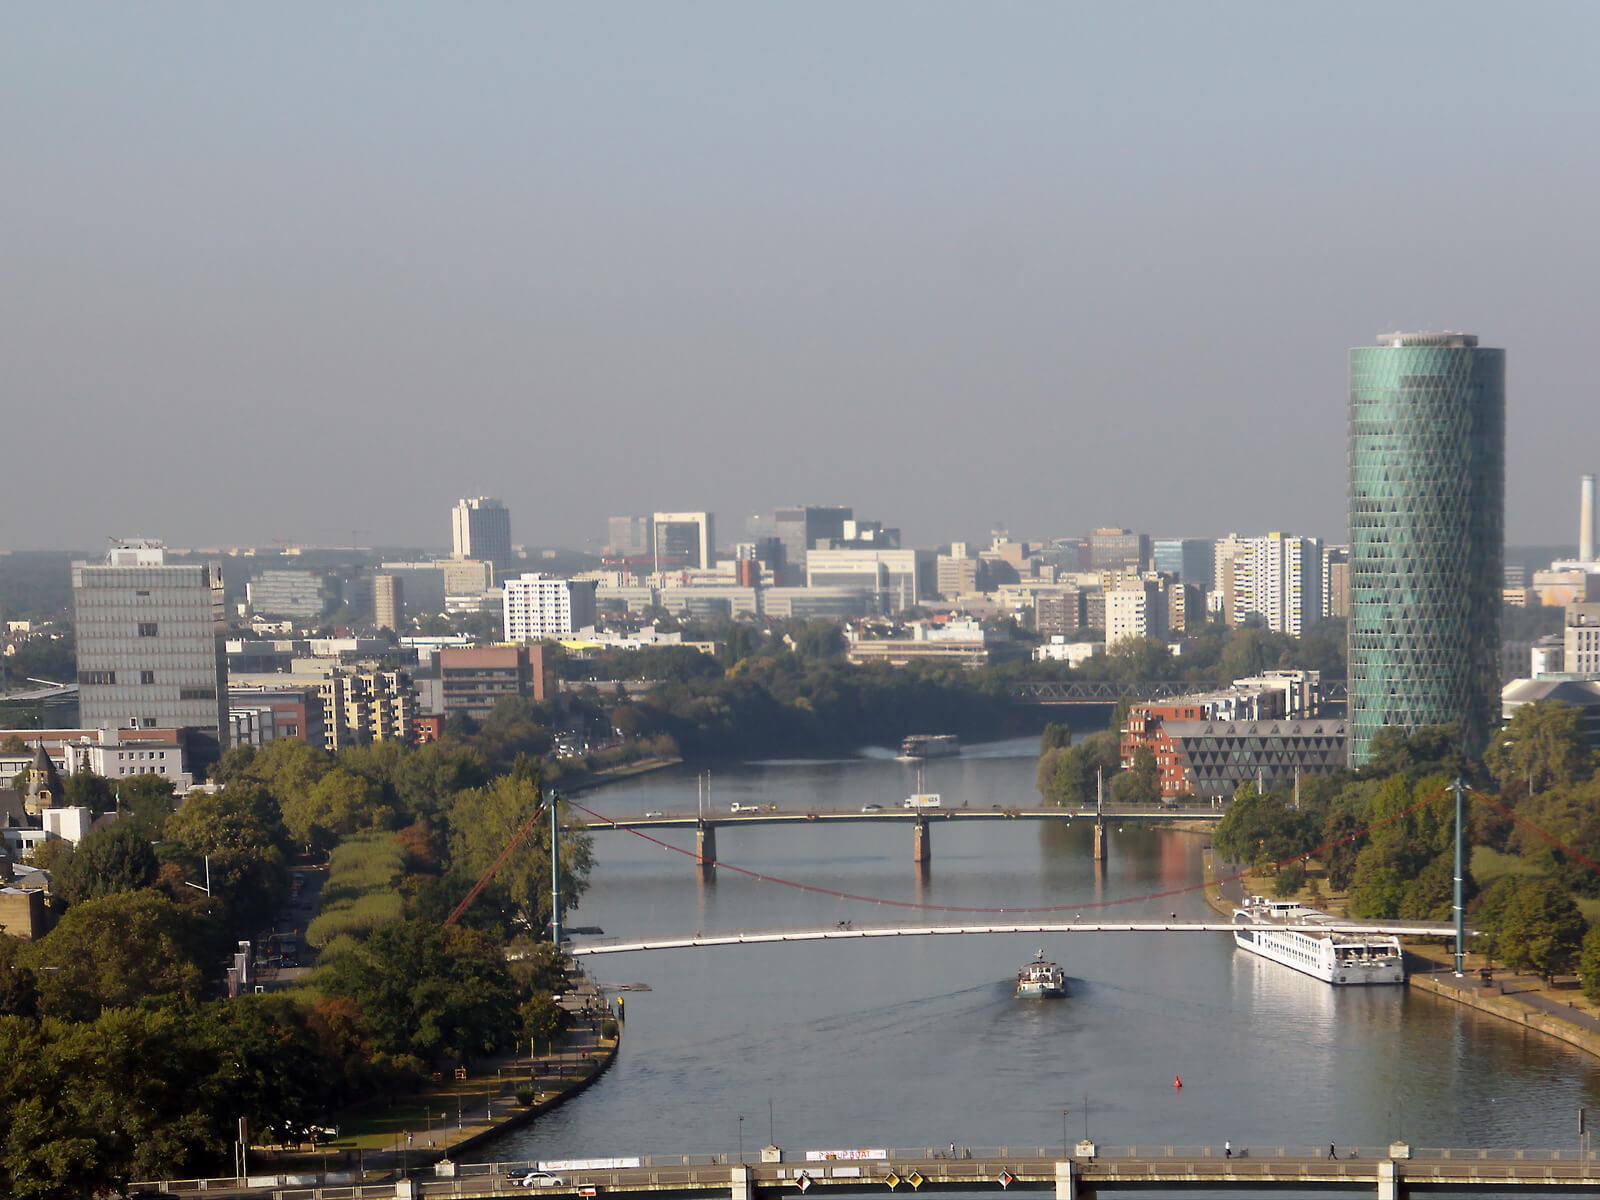 Stadt Frankfurt überprüft Hochhausfassaden